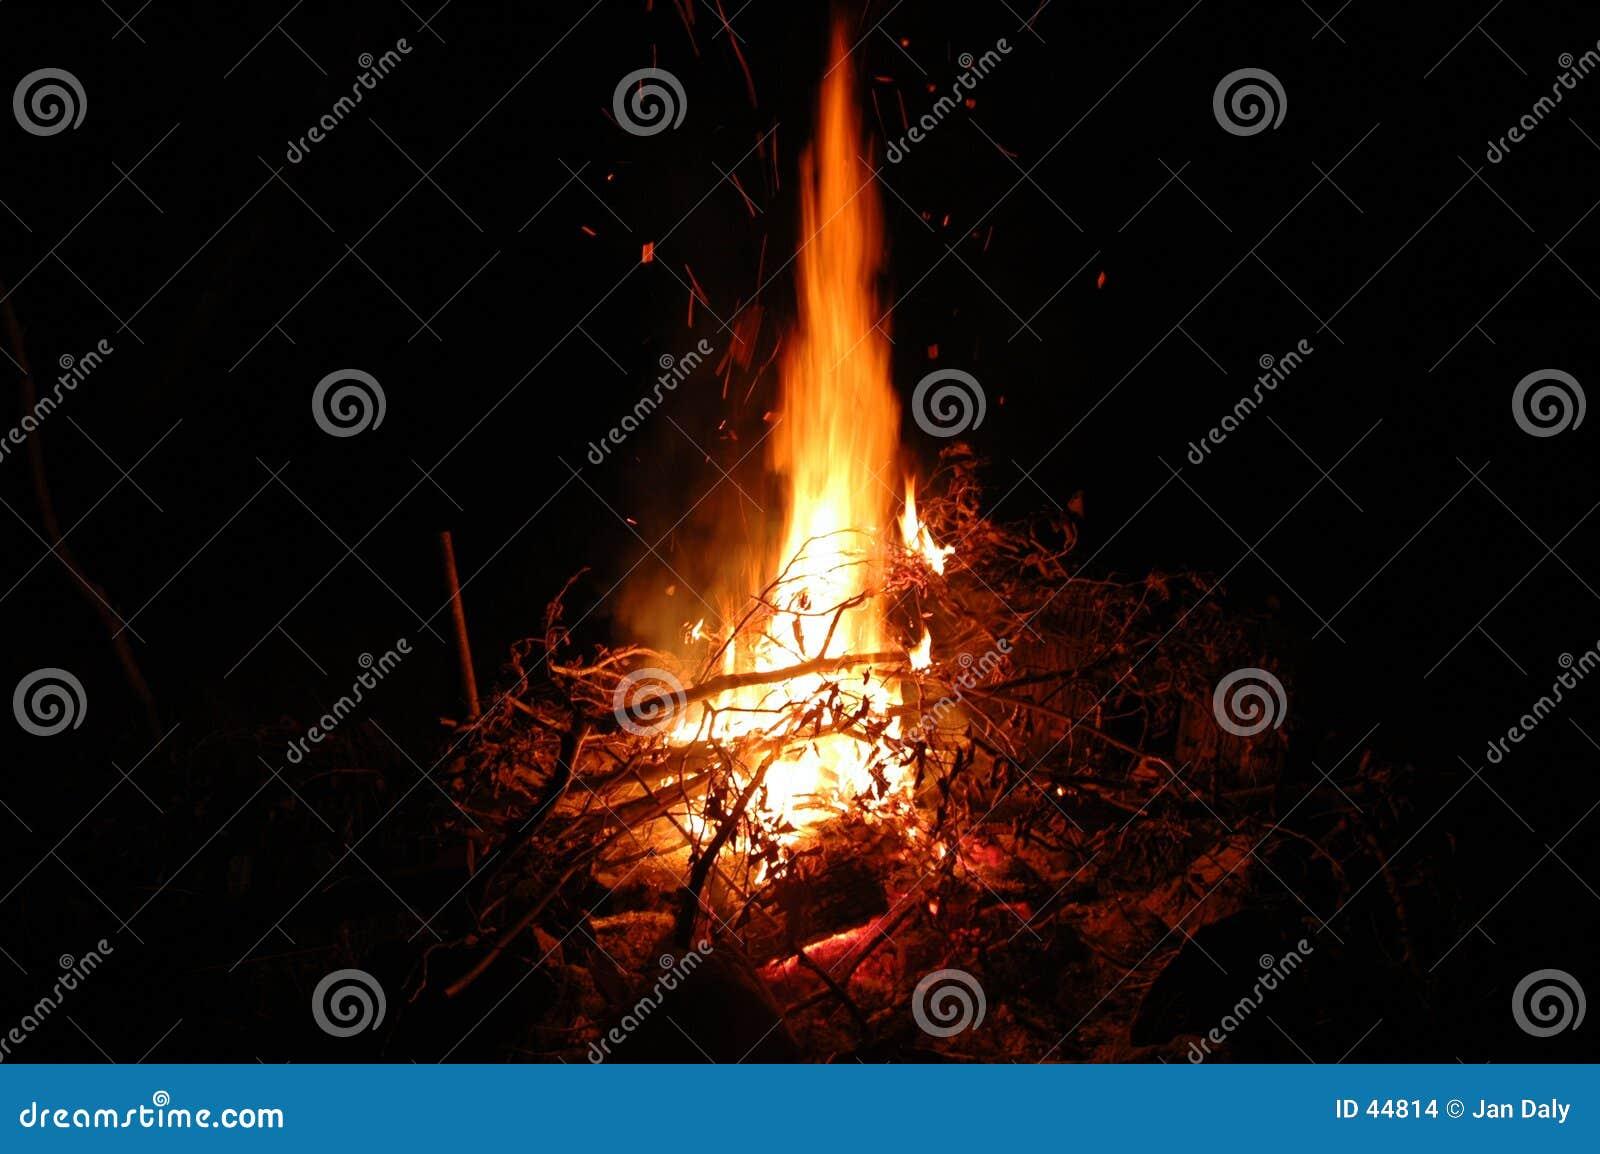 理想的营火